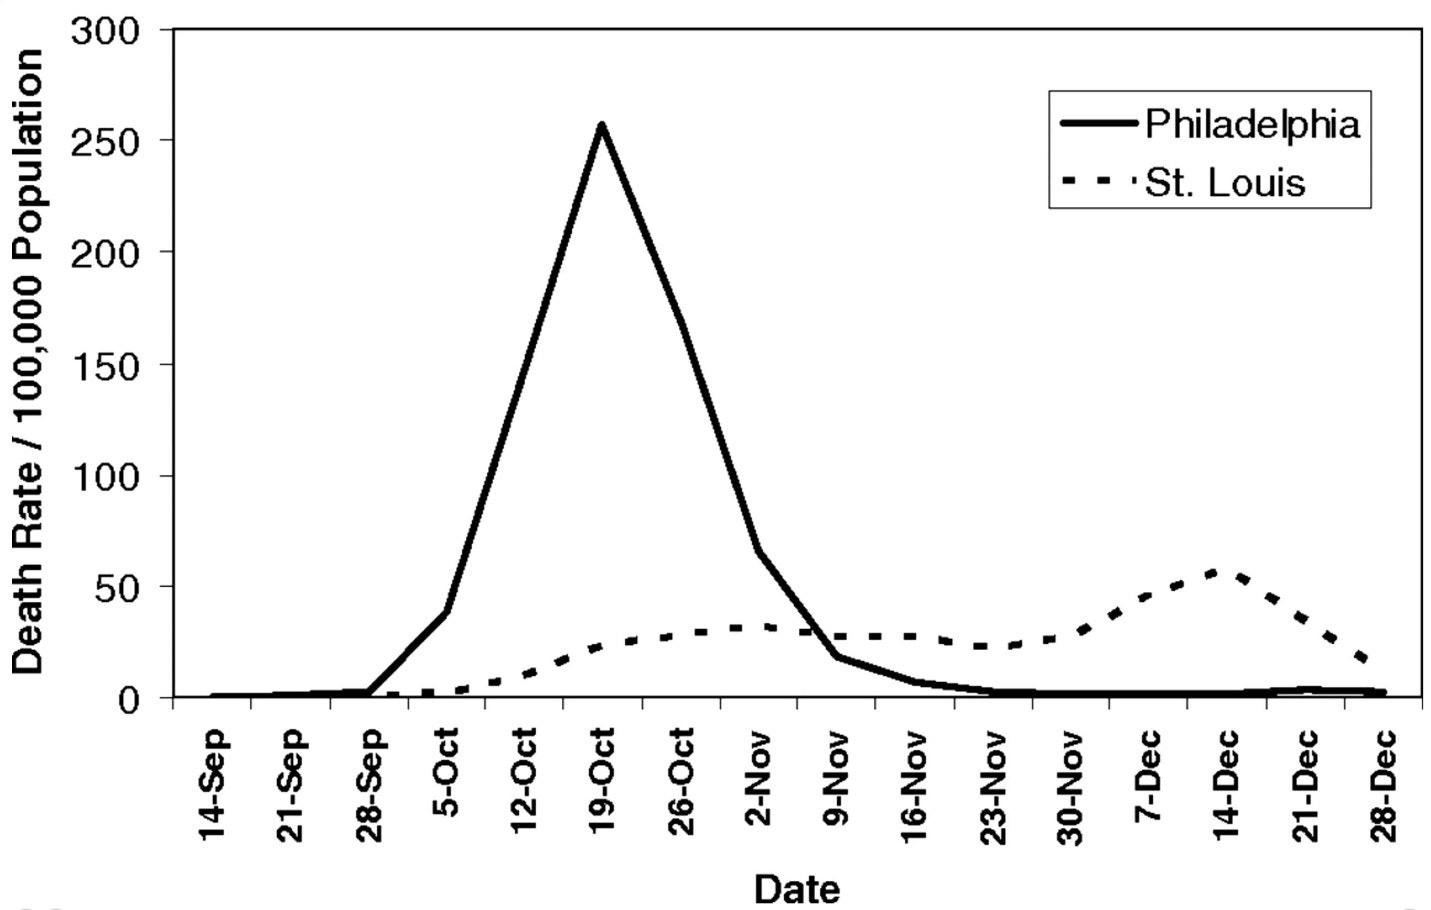 1918年のインフルエンザパンデミックへの対応の違いによる影響